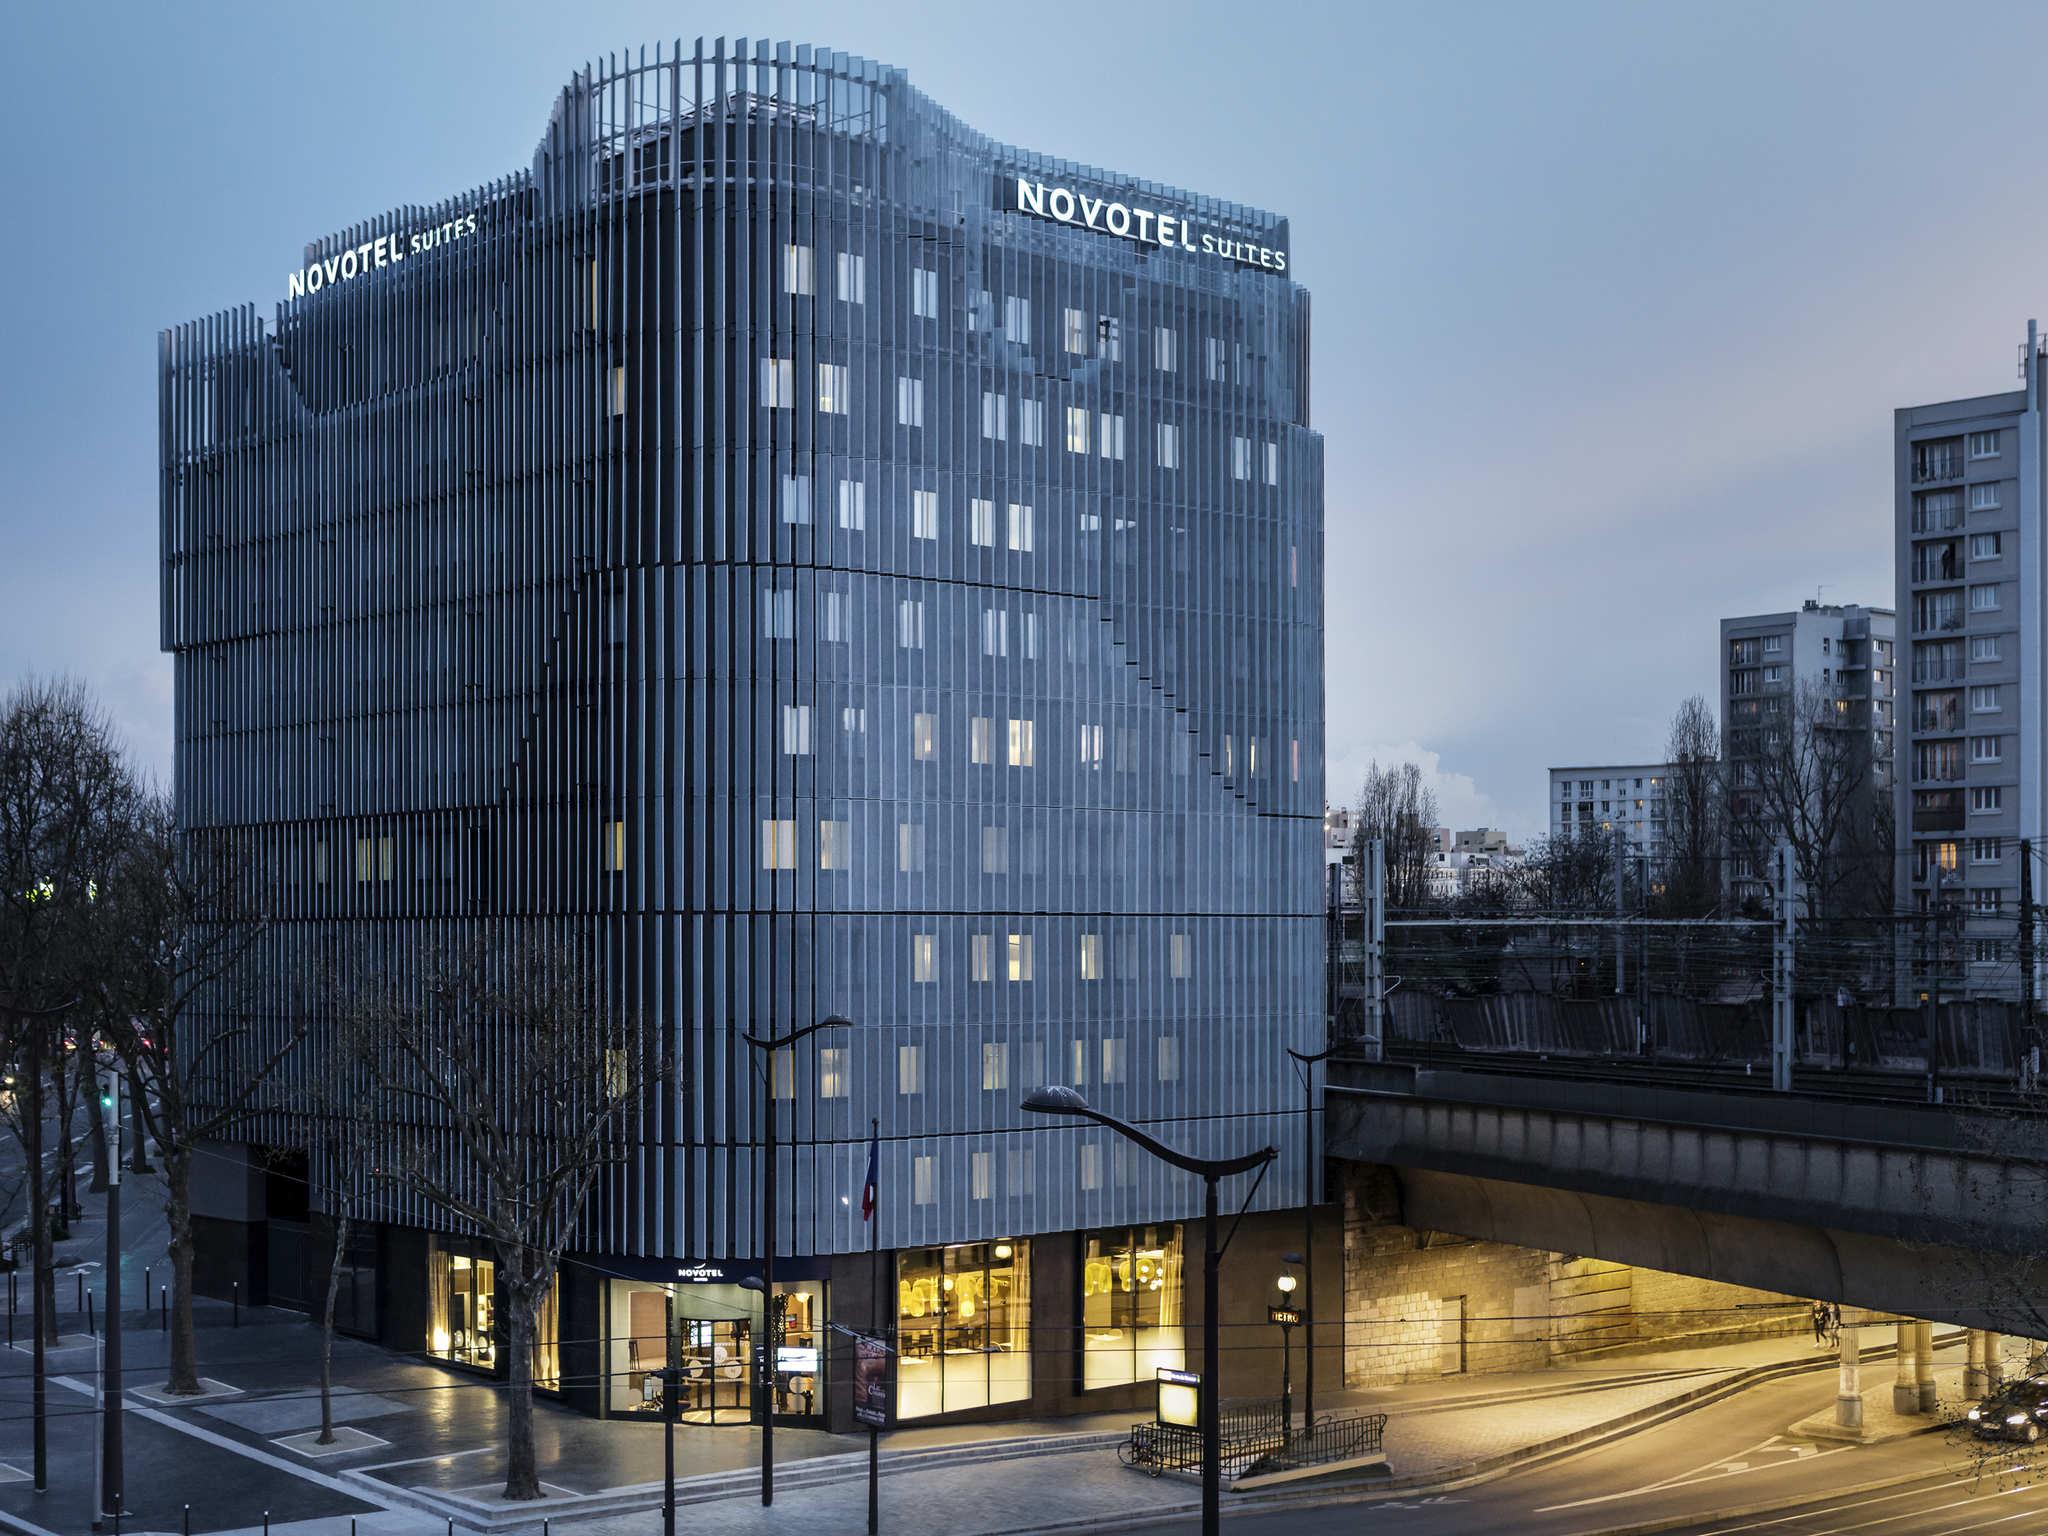 โรงแรม – โนโวเทลสวีทส์ ปารีส เอ็กซ์โป ปอร์ต เดอ แวร์ซายส์